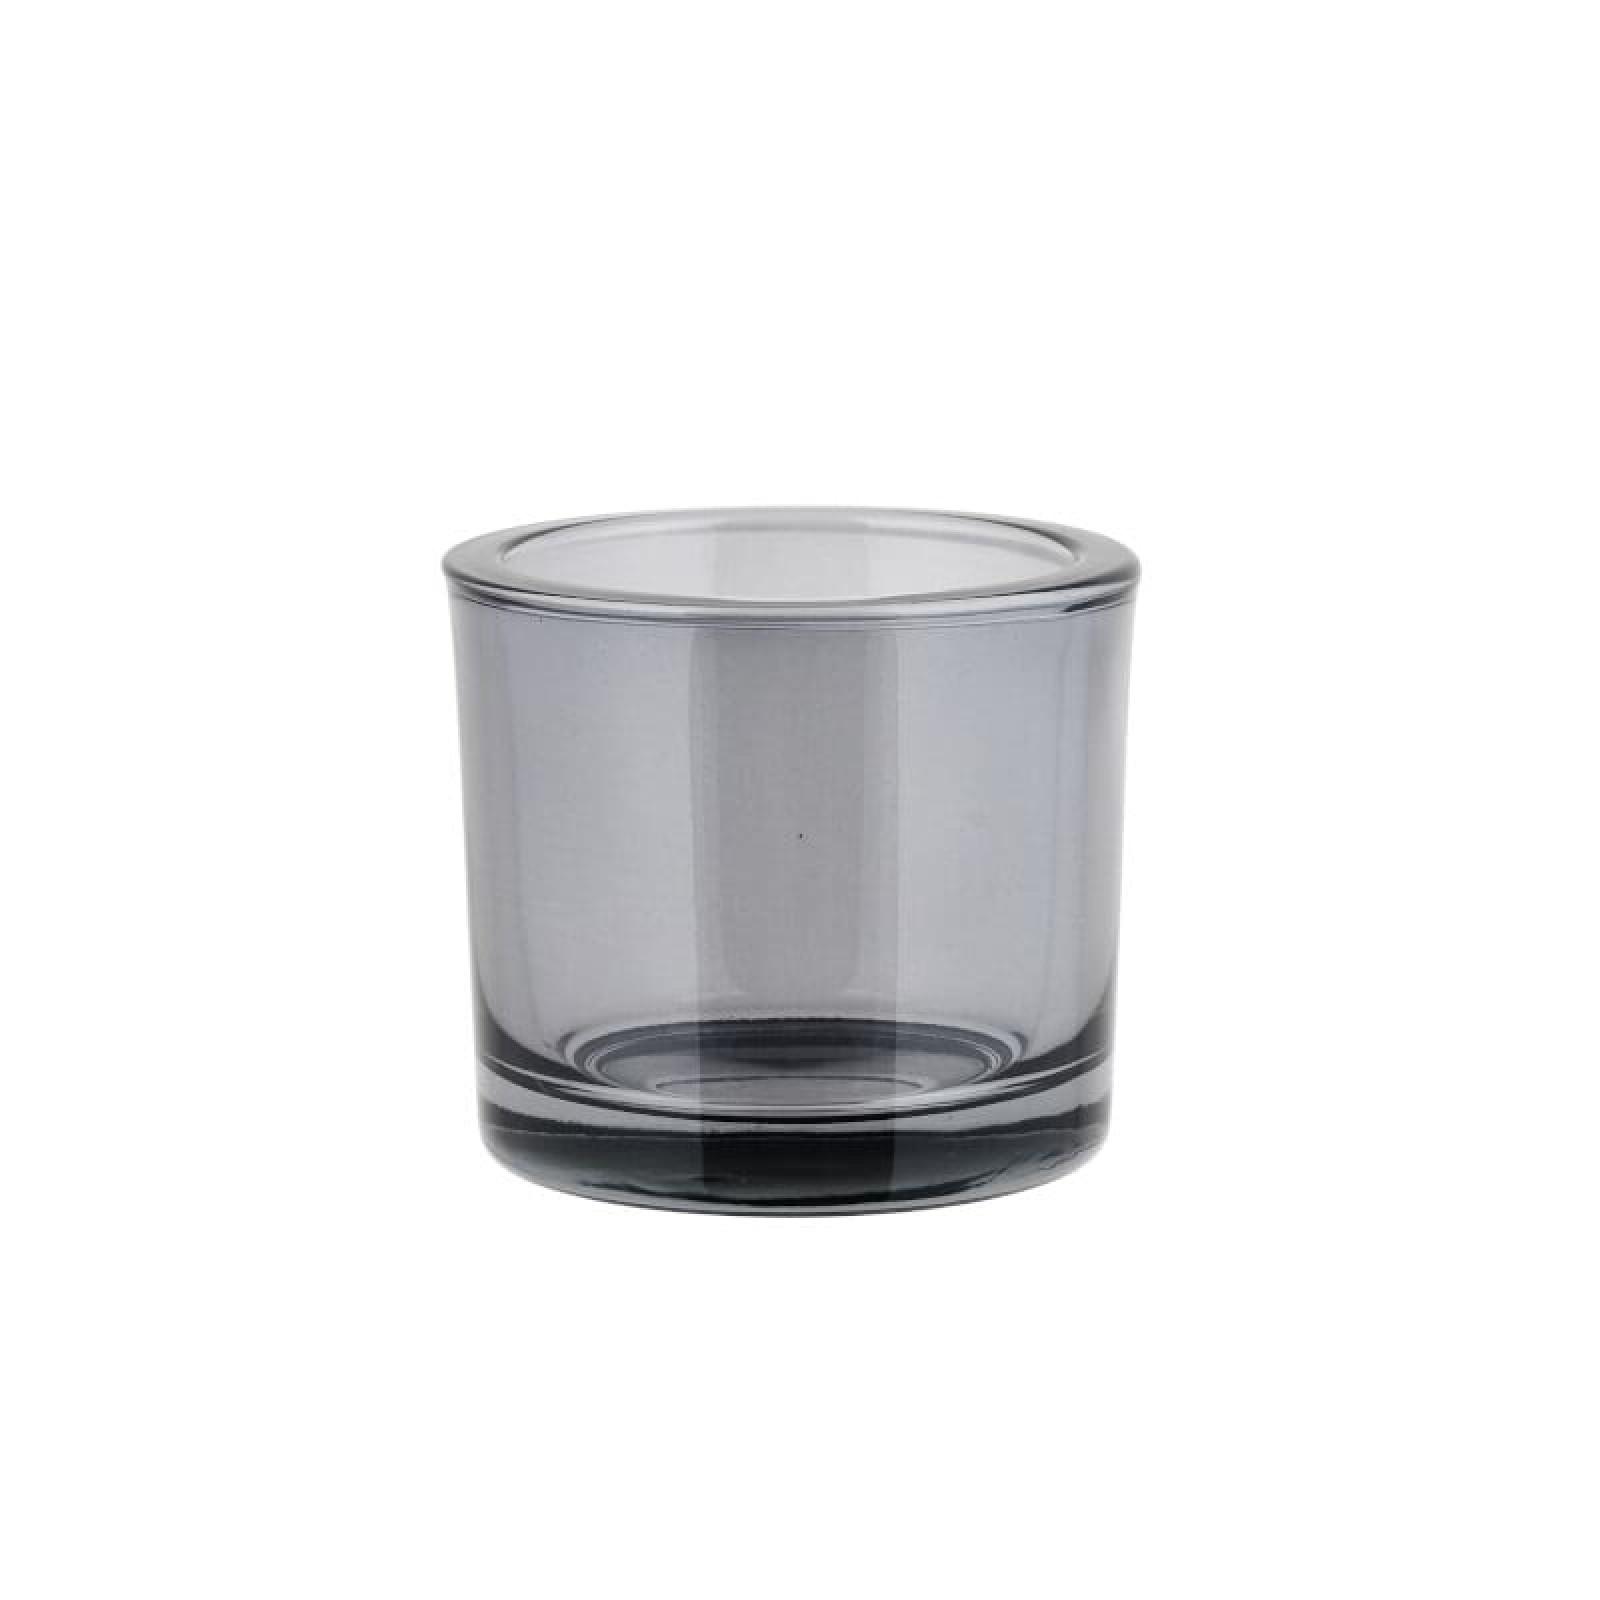 NERO Glass Tealight Holder S (Smoke) - Blomus